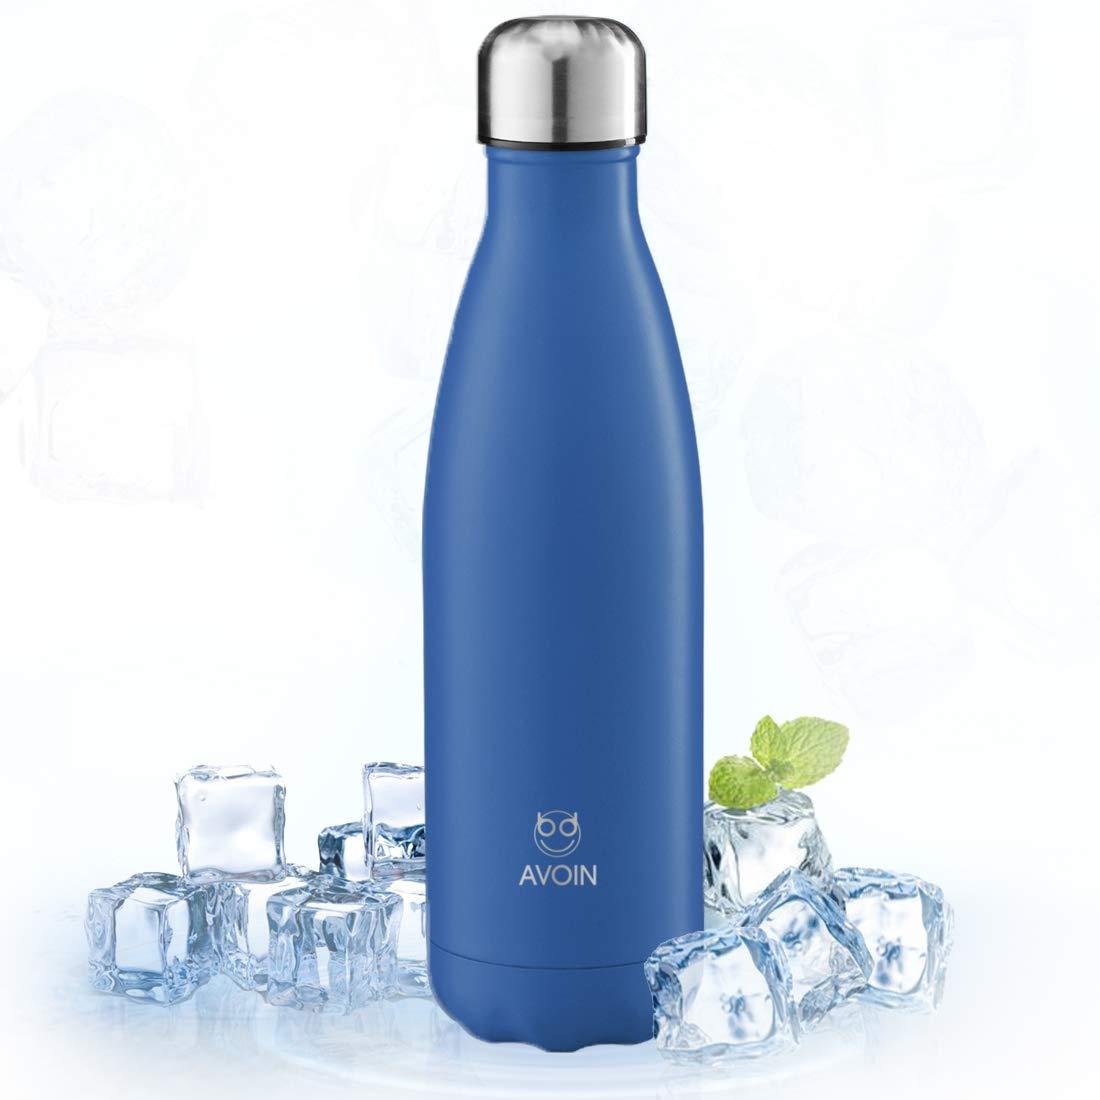 AVOIN colorlife - isolierte Edelstahl Wasserflasche BPA frei